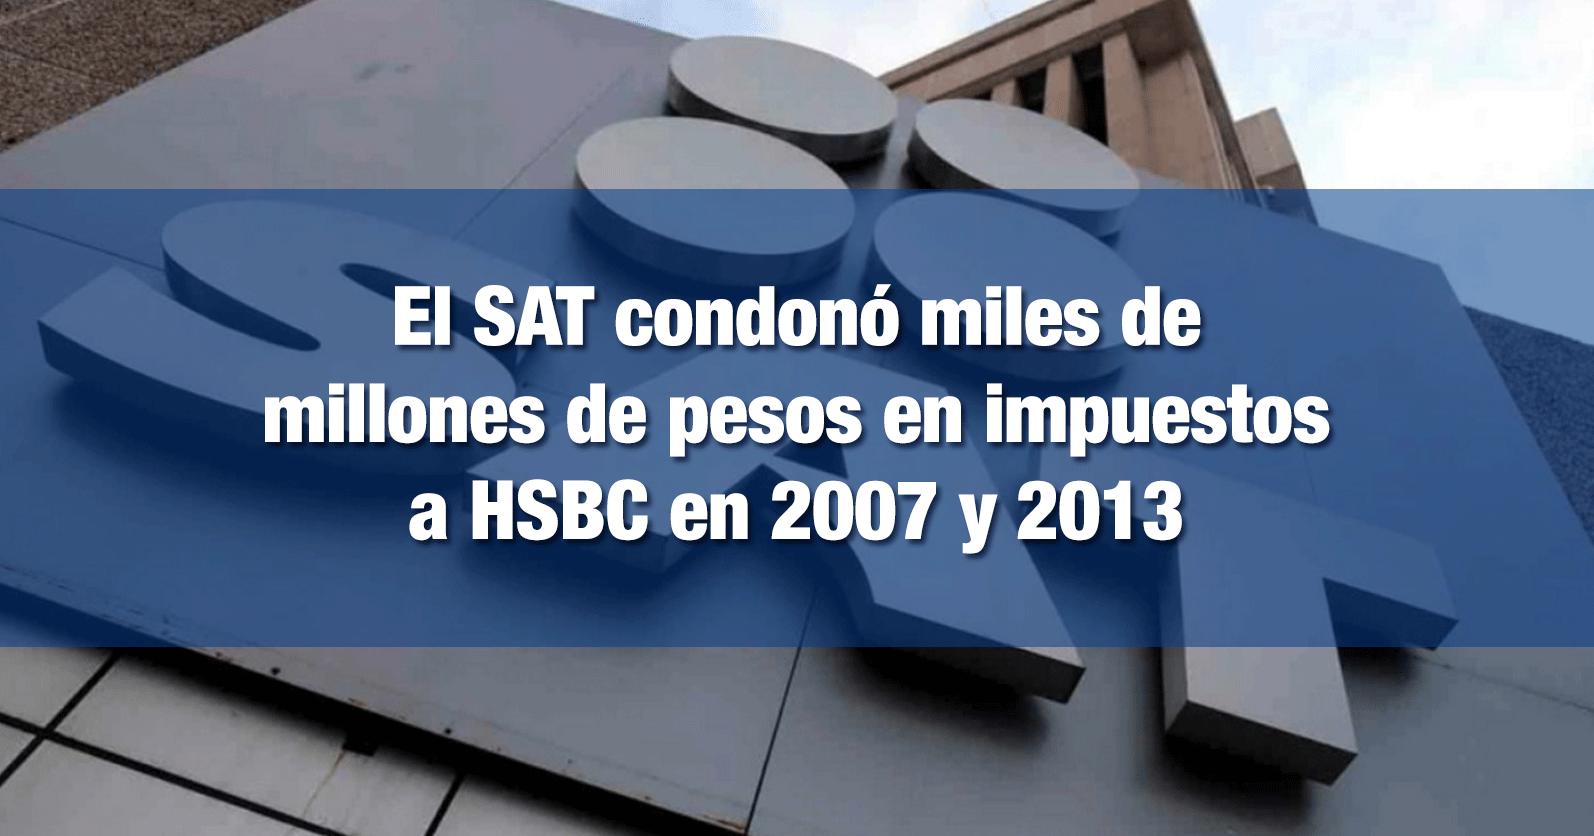 El SAT condonó miles de millones de pesos en impuestos a HSBC en 2007 y 2013